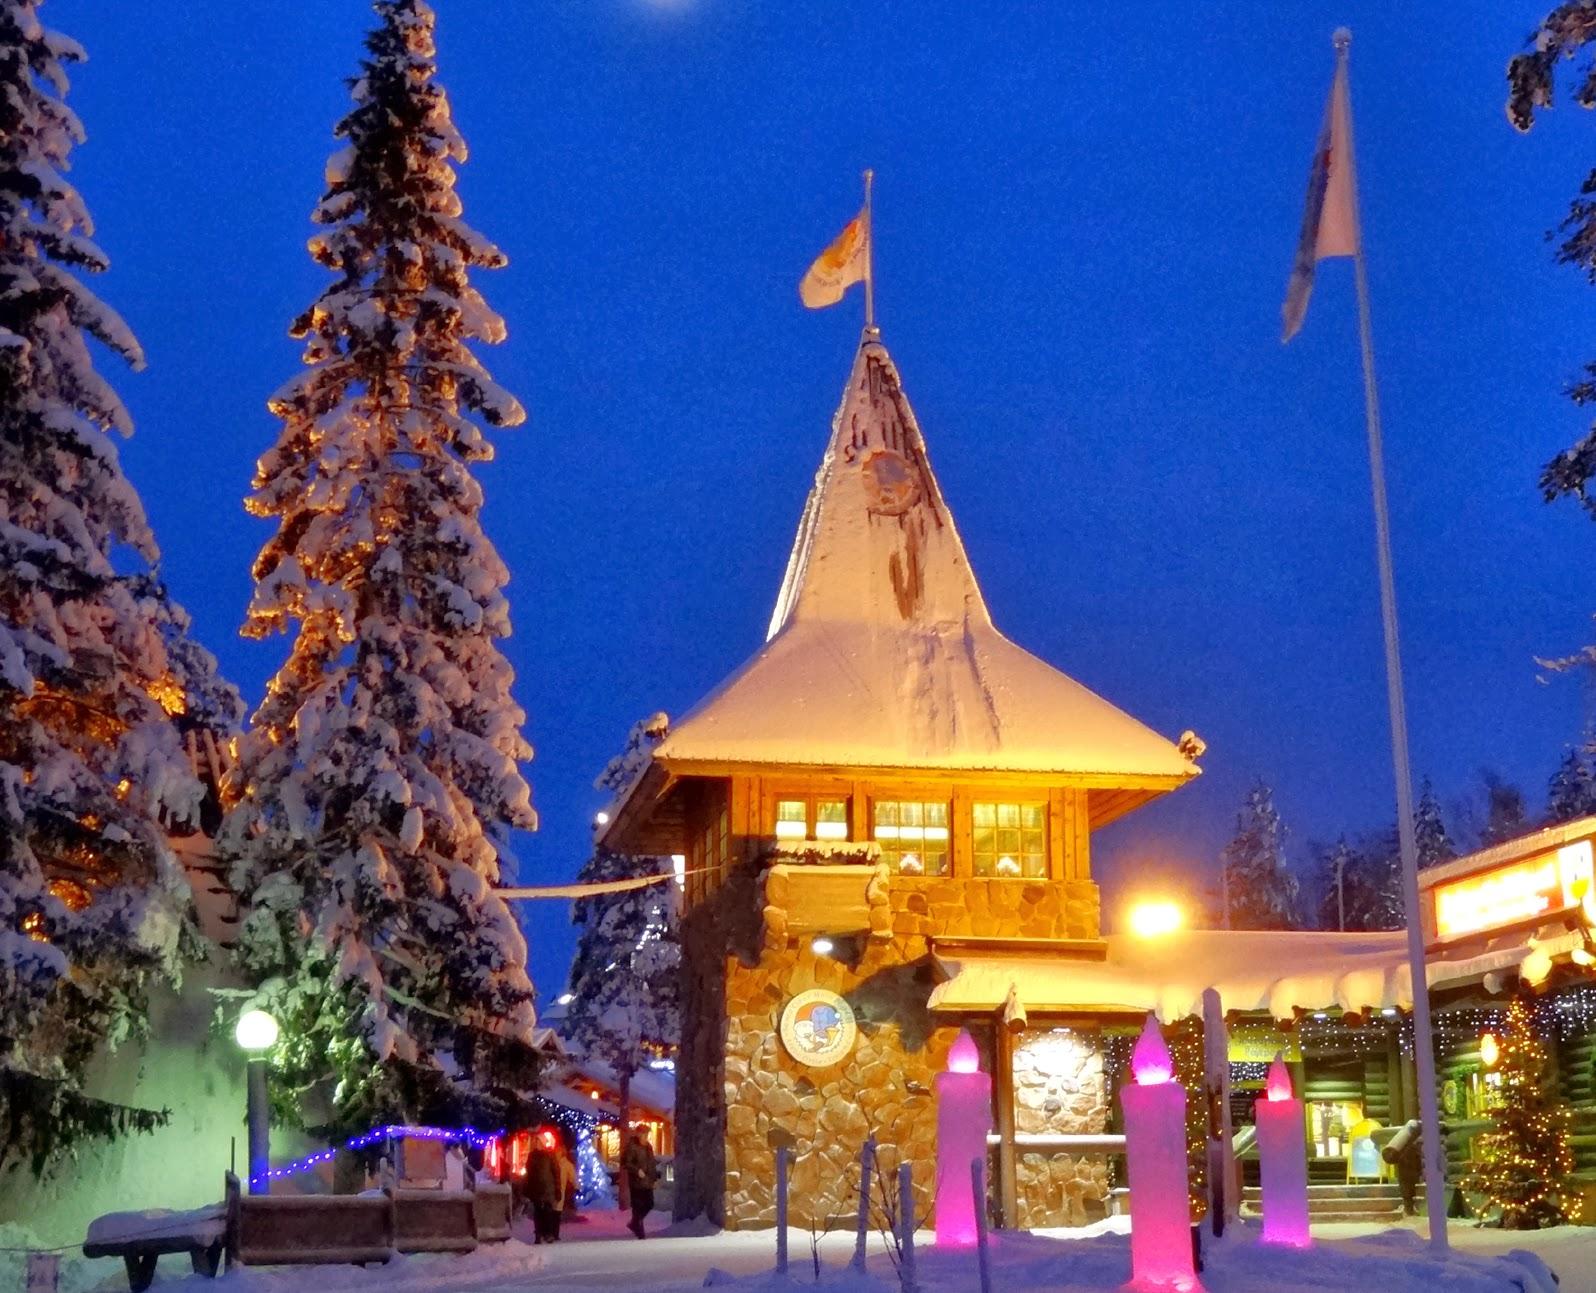 Dove E Babbo Natale.Il Natale Per I Bimbi E Piu Magico A Rovaniemi Il Paese Di Babbo